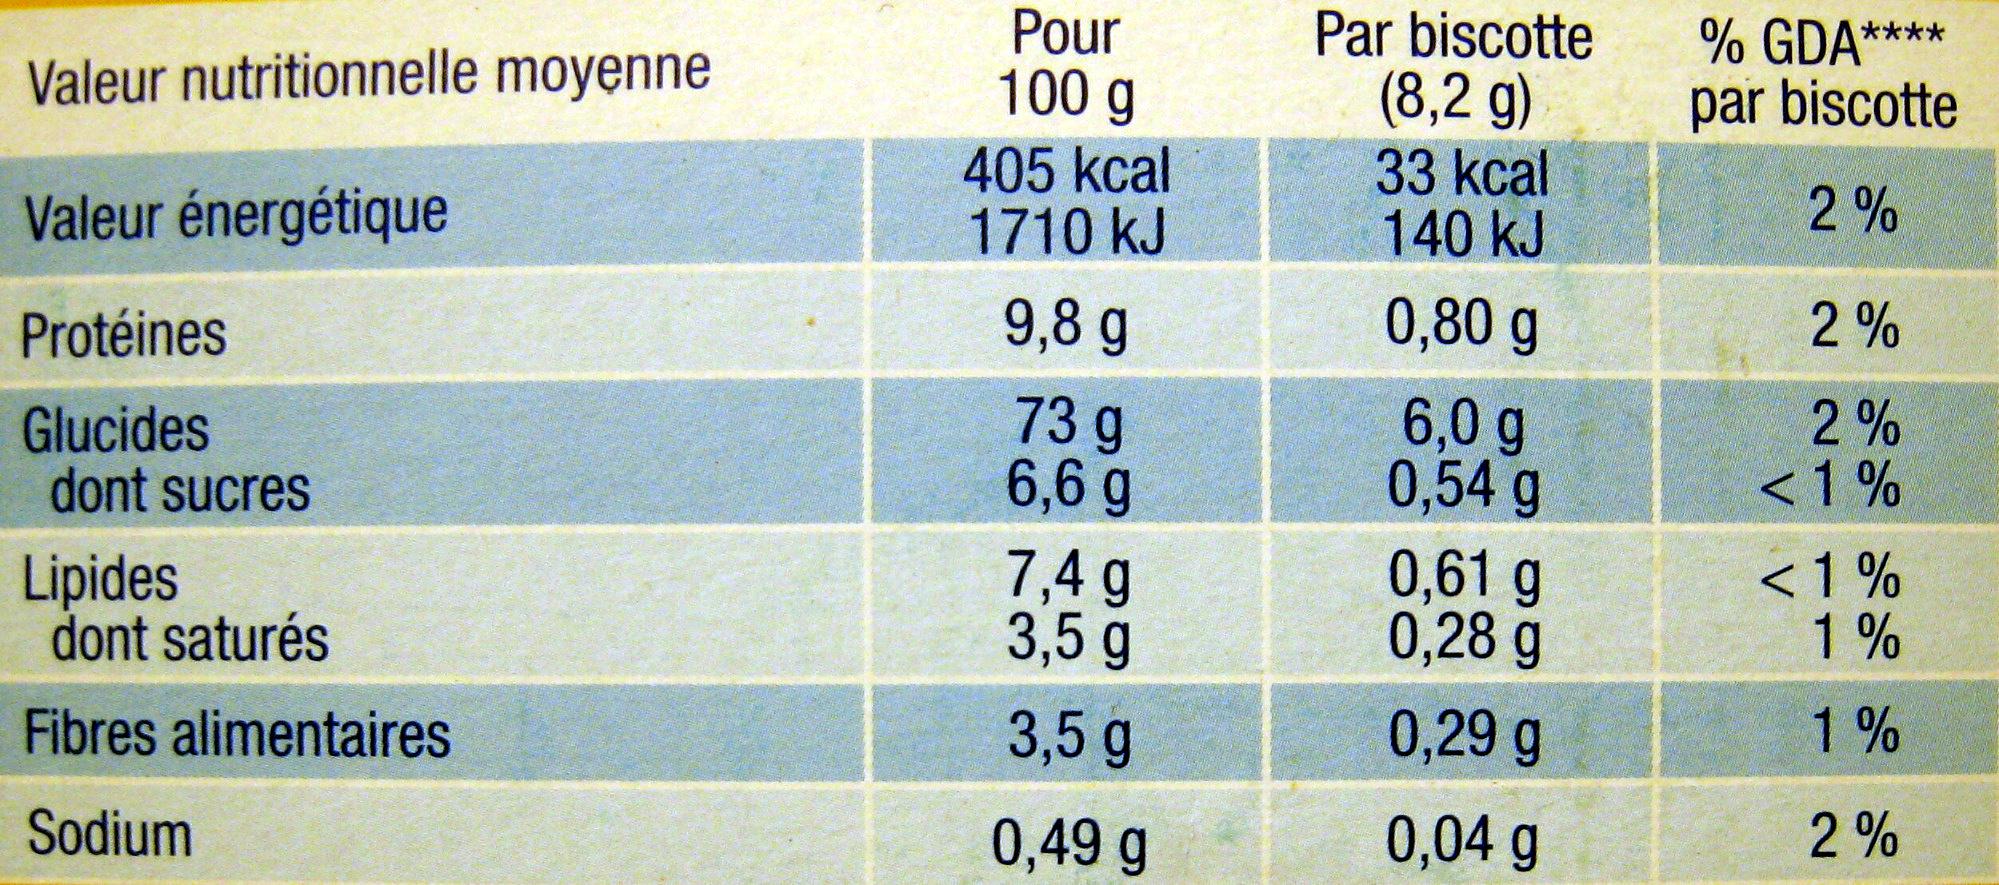 La Biscotte Heudebert - Voedigswaarden